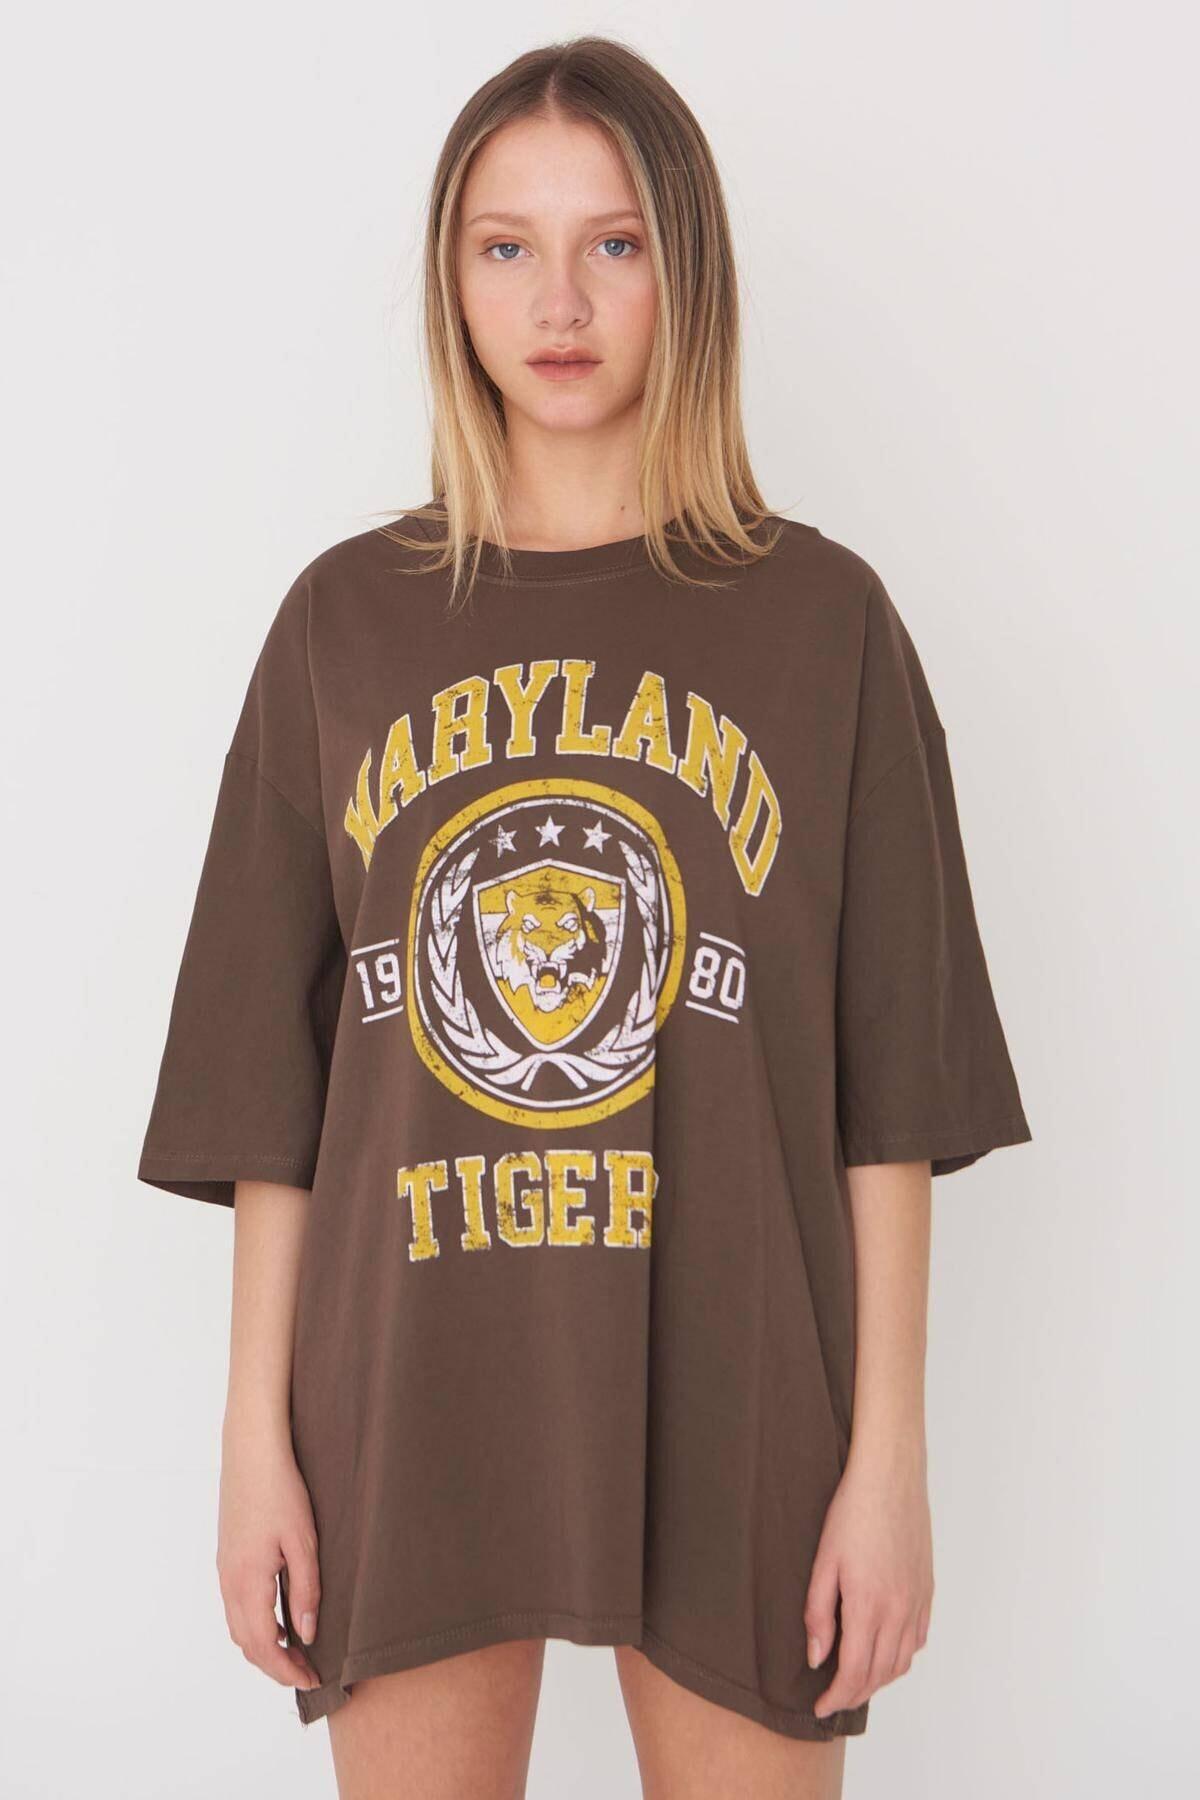 Addax Kadın Kahve Baskılı Oversize T-Shirt P9546 - B5 Adx-0000023996 2